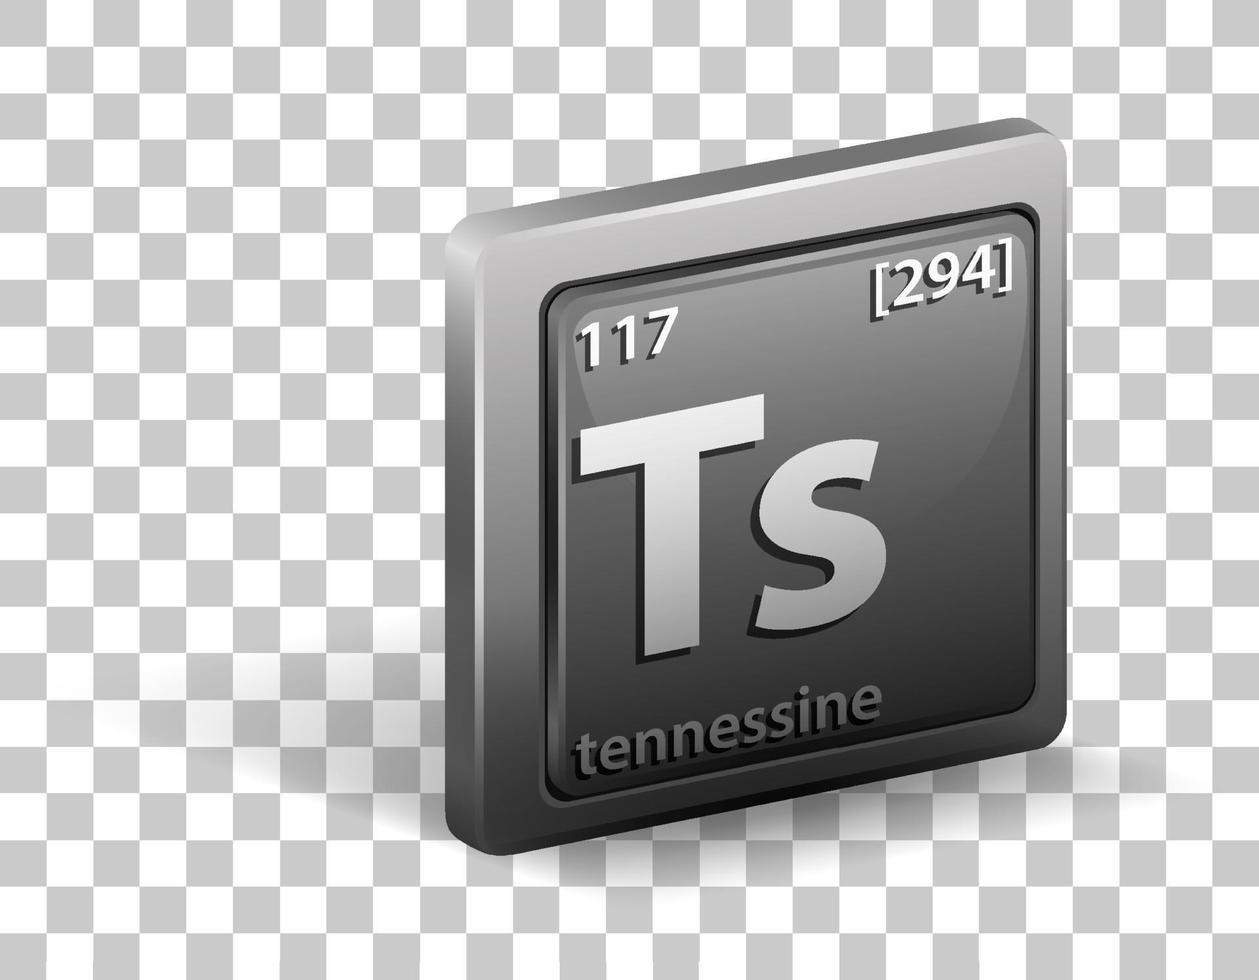 simbolo chimico dell'elemento chimico tennessina con numero atomico e massa atomica vettore